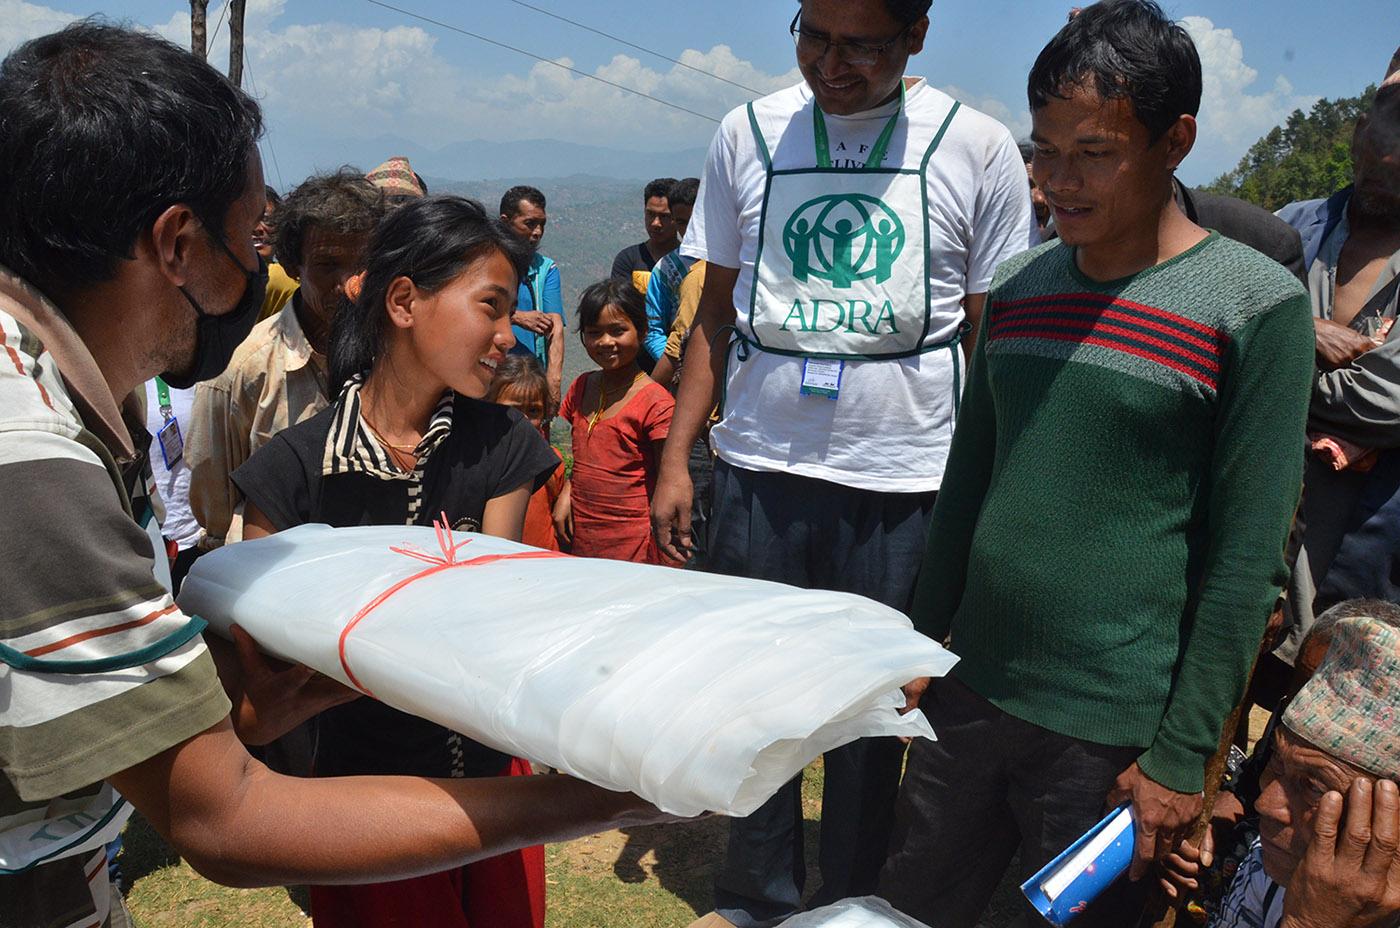 Mais de 13 mil pessoas foram beneficiadas com rápida ação da agência humanitária adventista durante terremoto.